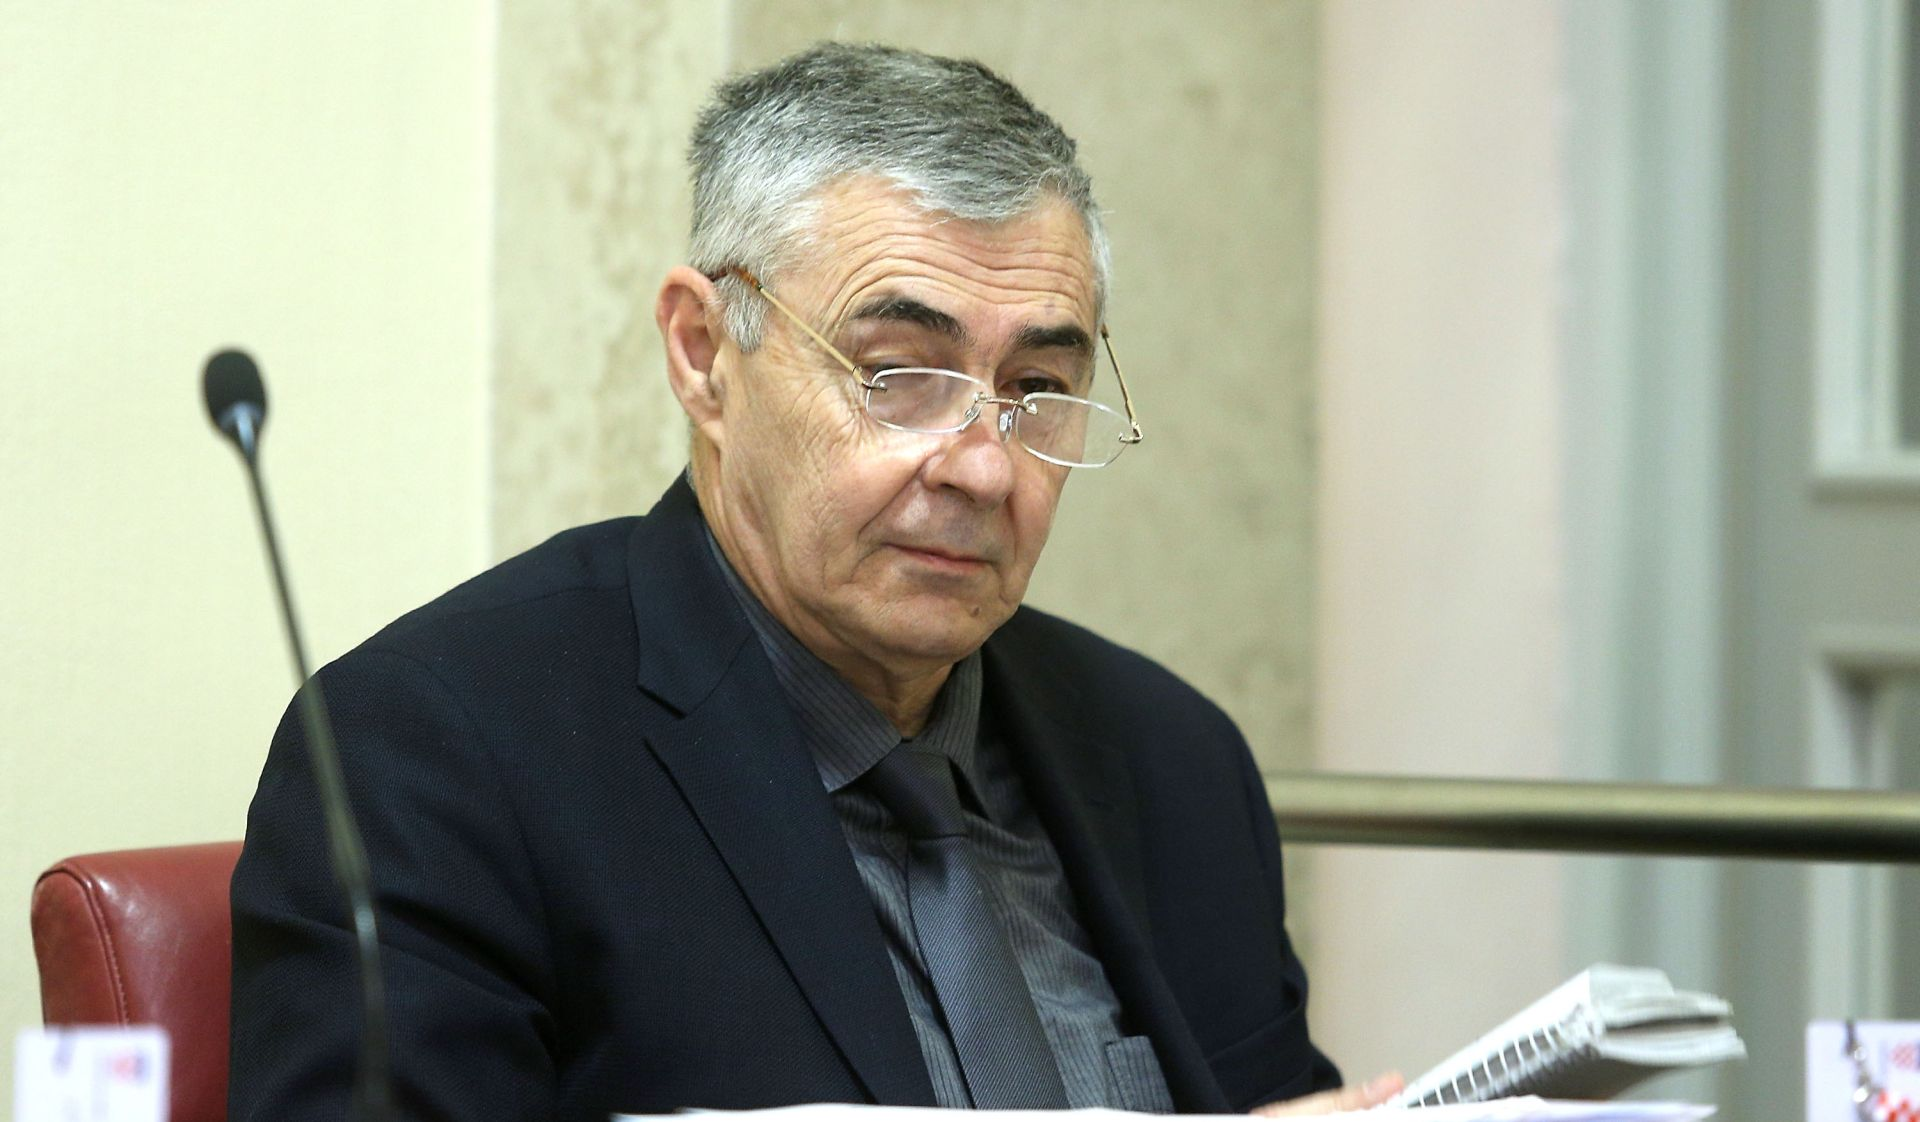 Željko Glasnović na čelu neovisne liste za 11. izbornu jedinicu koju podupiru pravaši